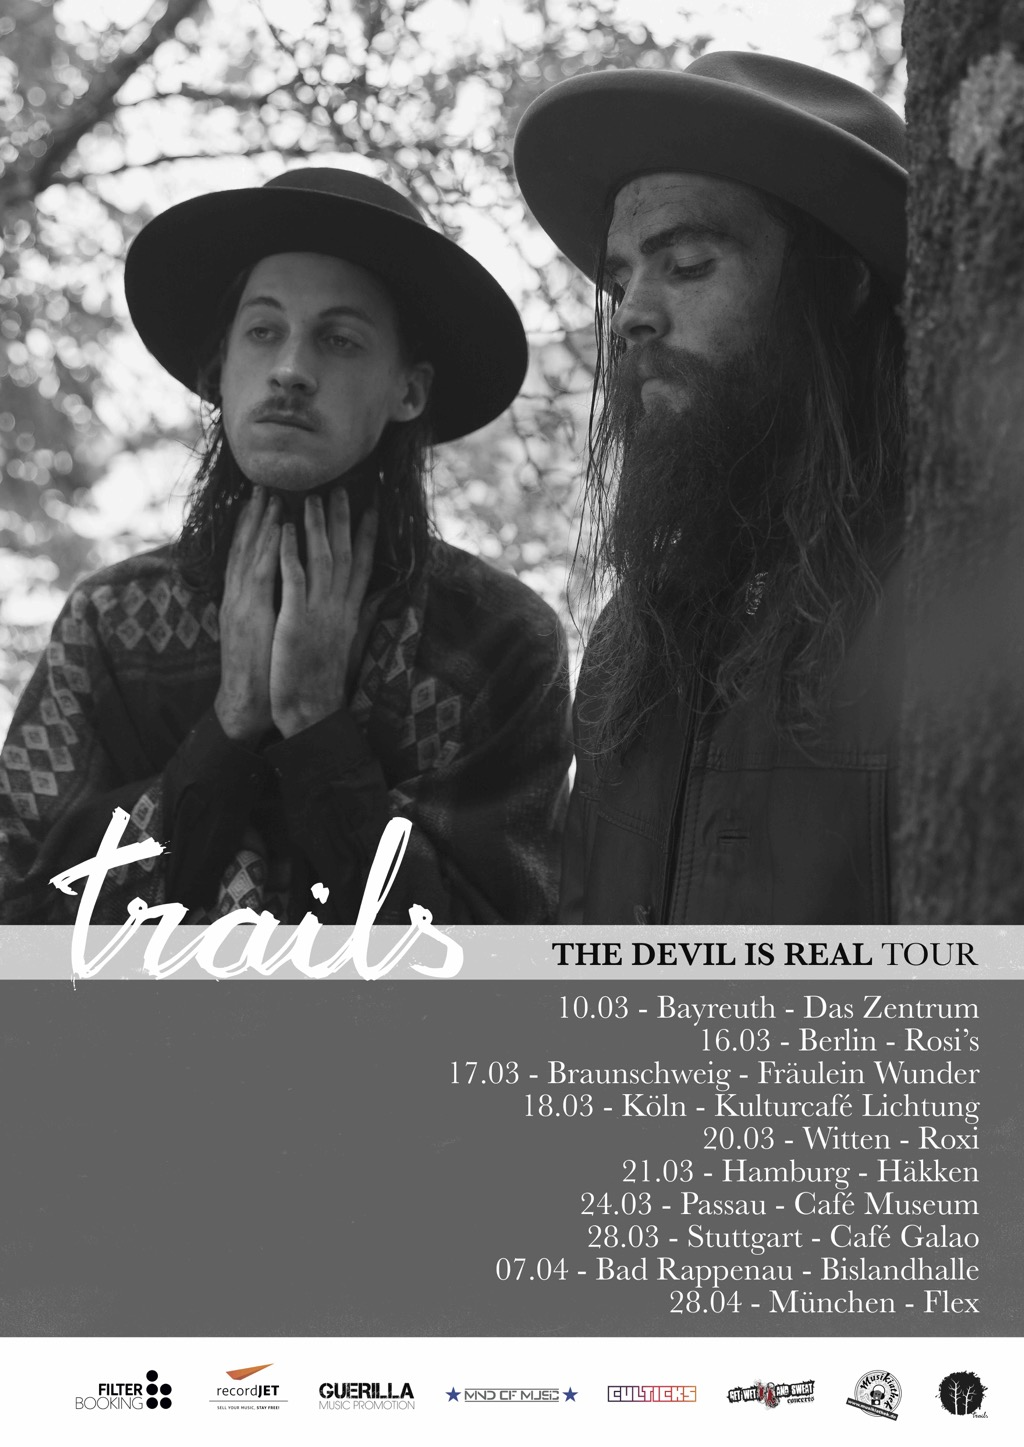 Trails – The Devil Is Real Tour startet am 10. März 2018